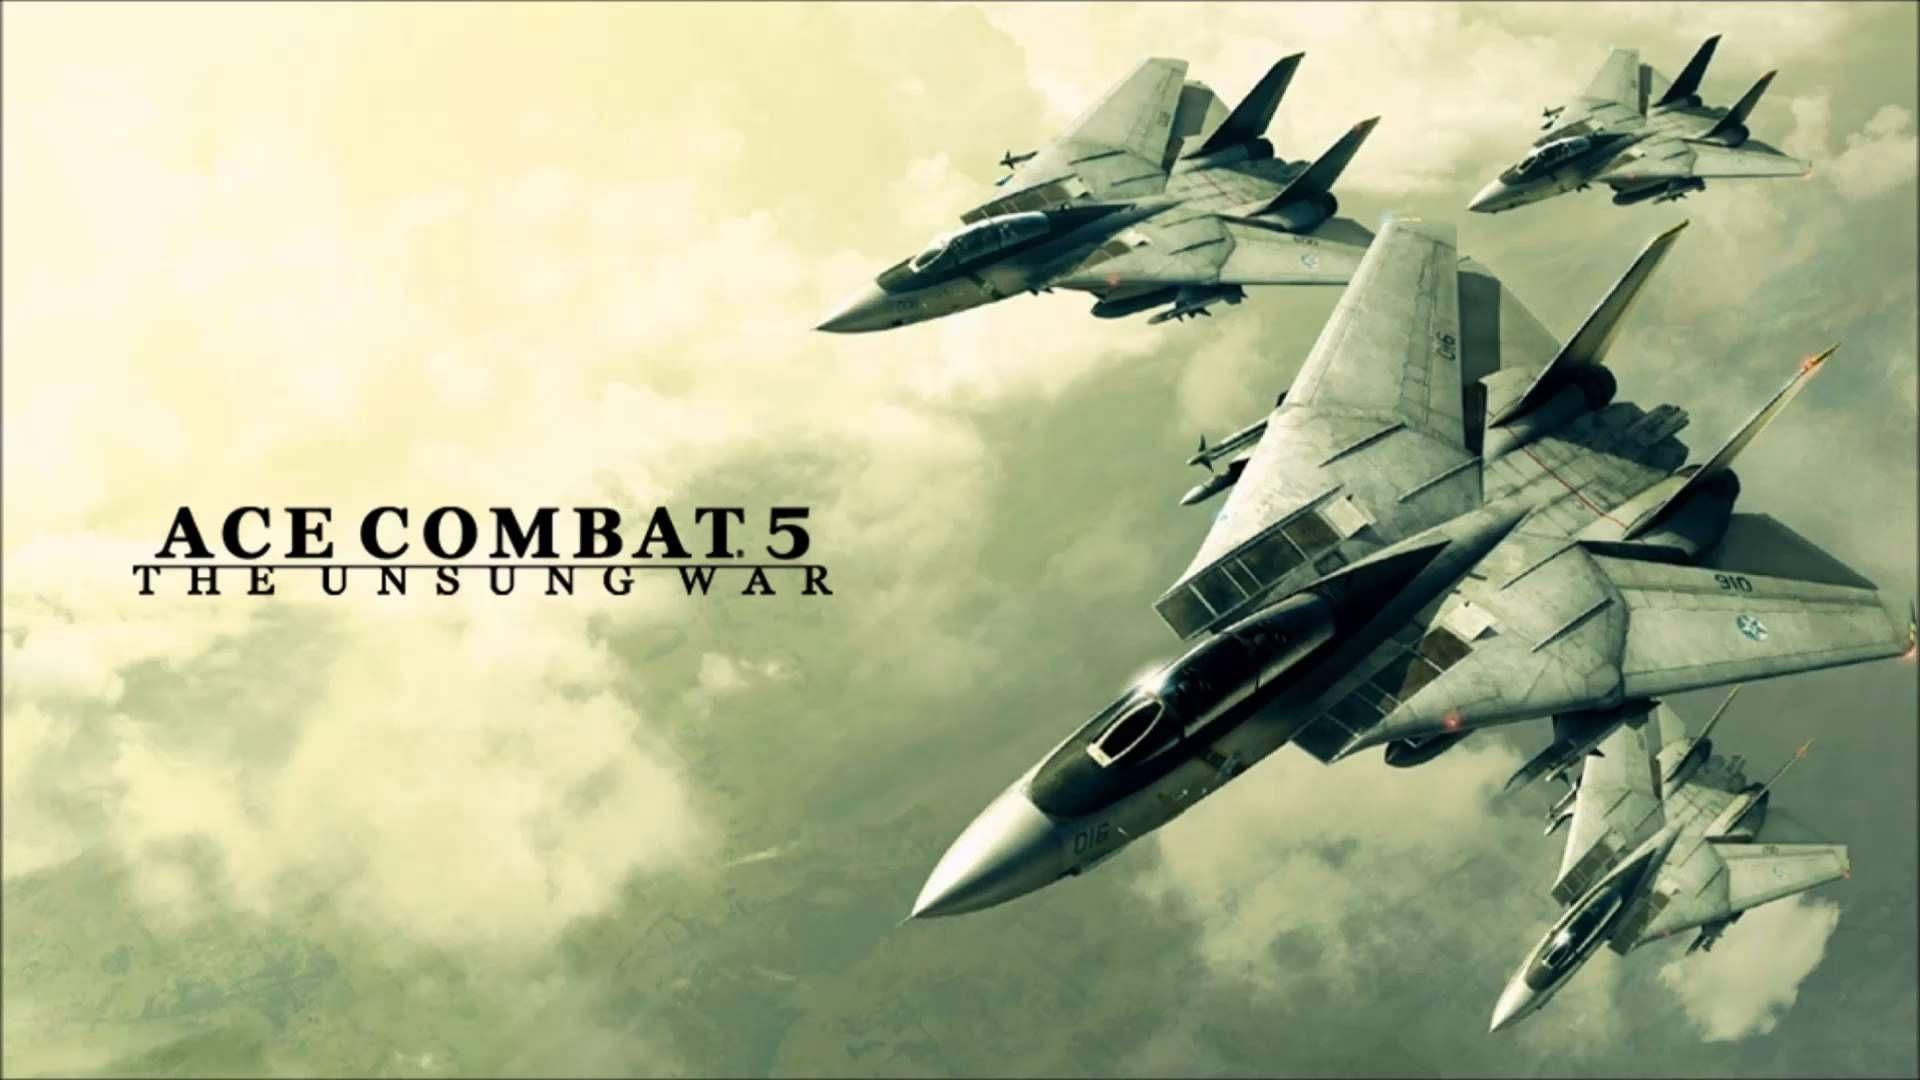 ¿Cuál es el videojuego que le antecede a los eventos de Ace Combat 5: The Unsung War?